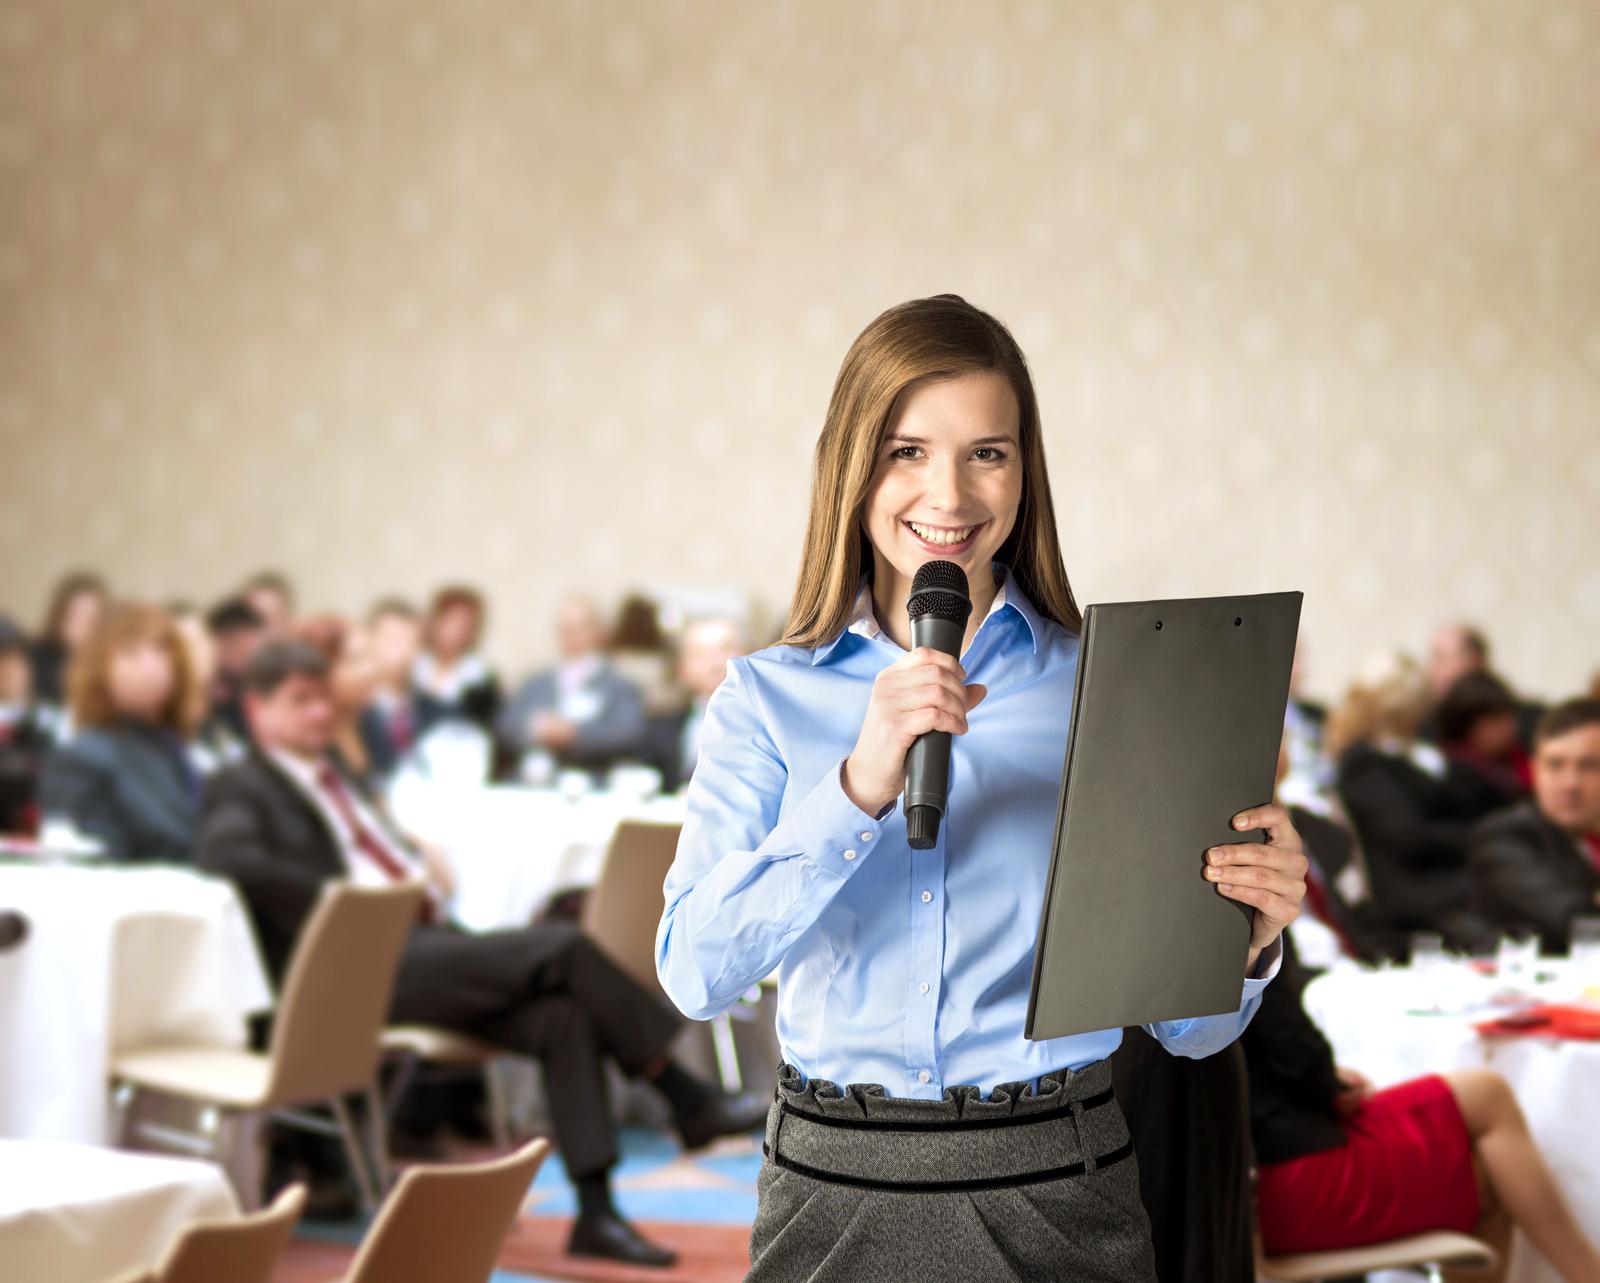 Для проведения вебинаров приглашаем спикеров: бизнес-тренеров, менеджеров, маркетологов, коучей, психологов, предпринимателей